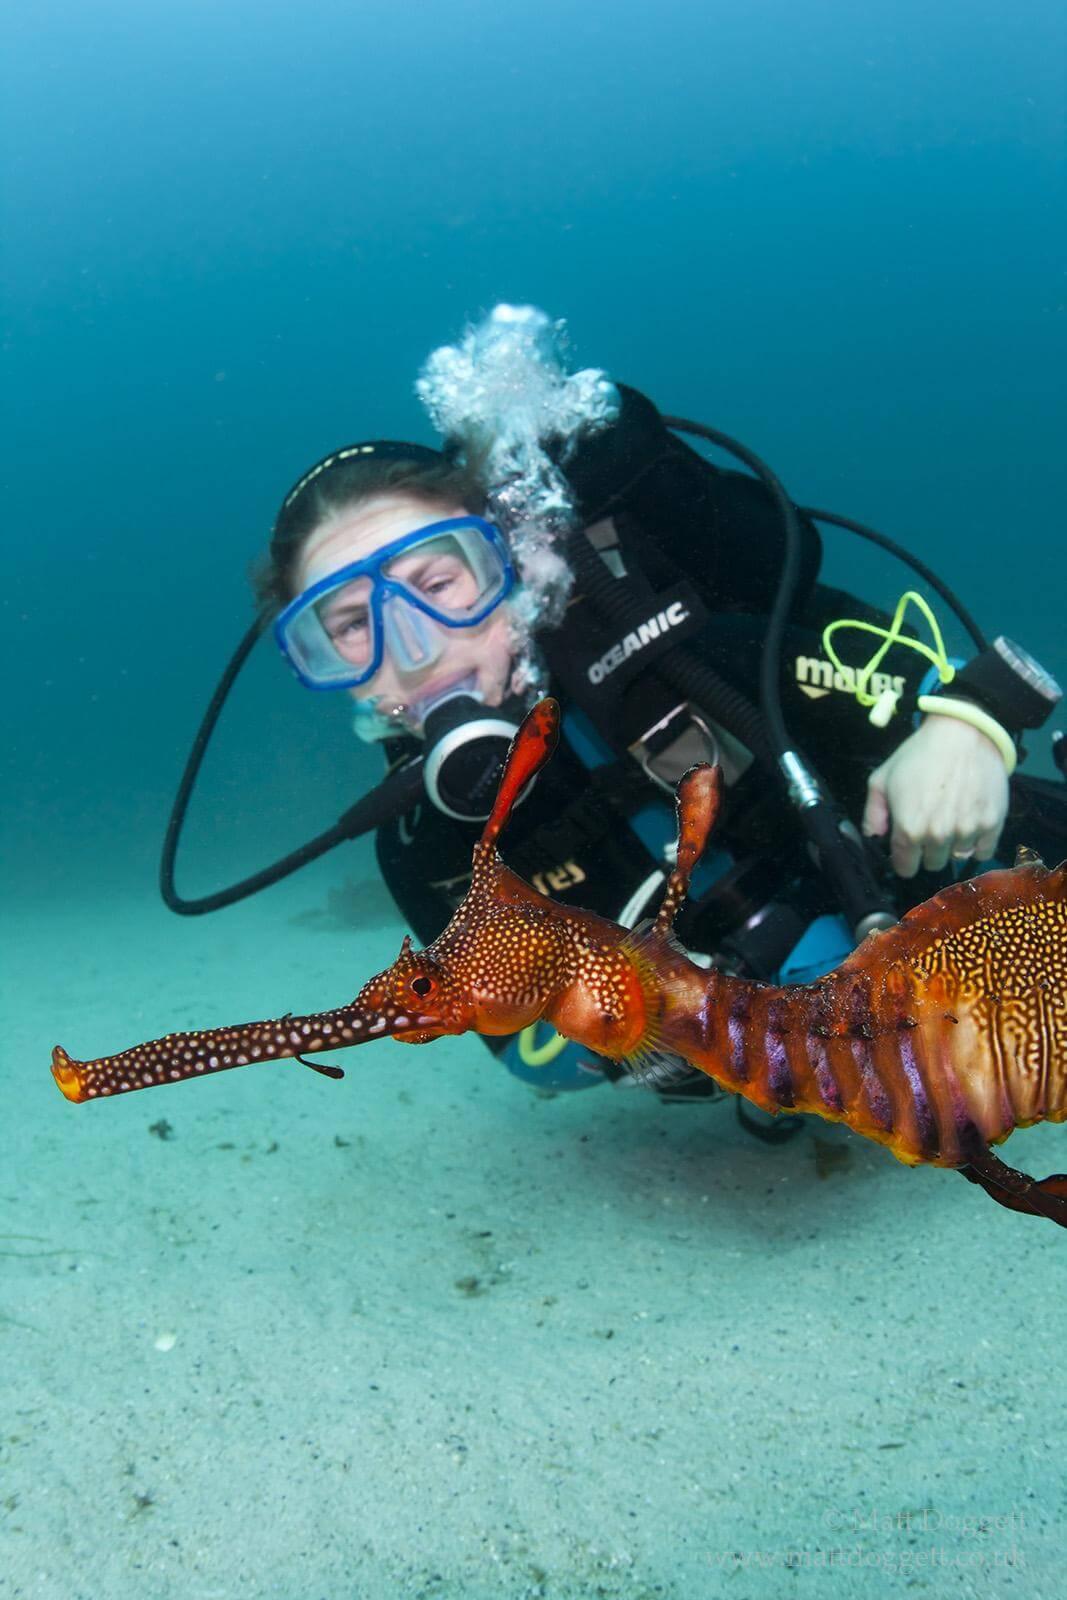 Weedy seadragon and Scuba diver, Bicheno, Tasmania.